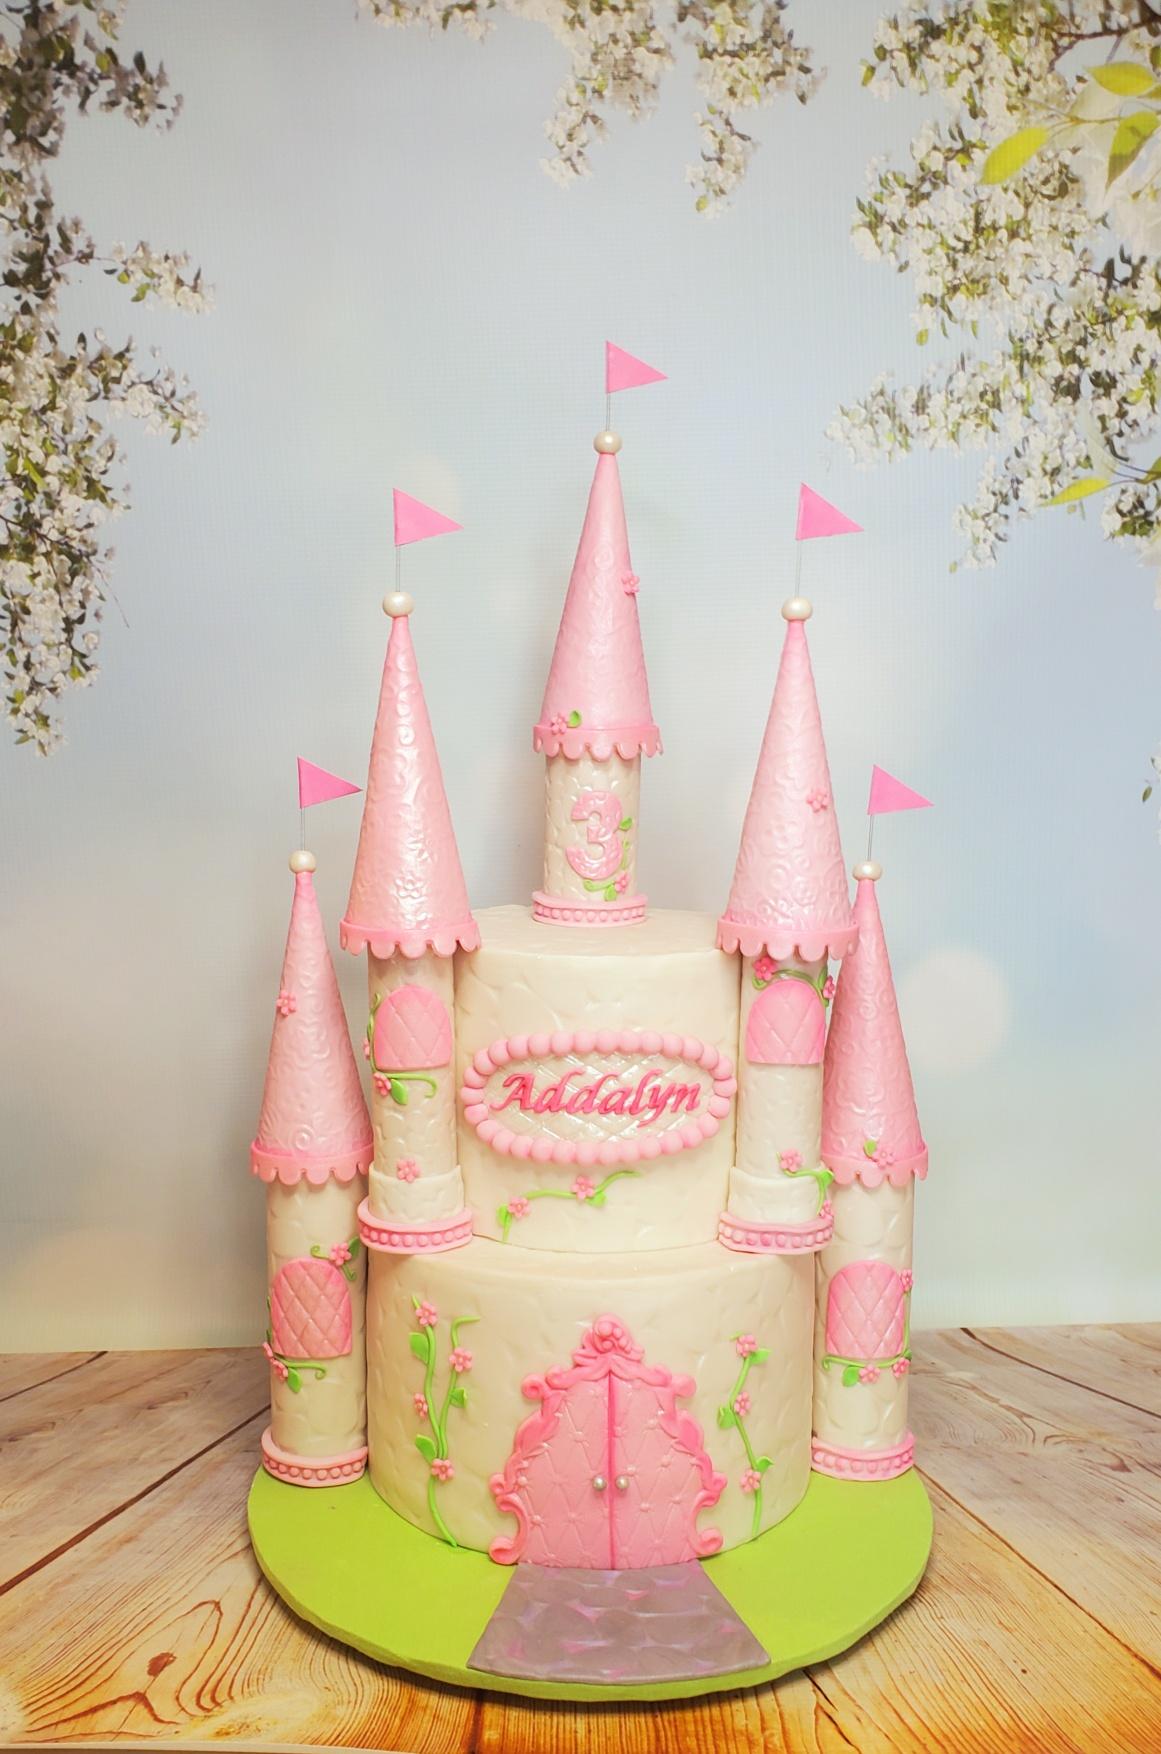 Cake by Natty Em's Cake Shop